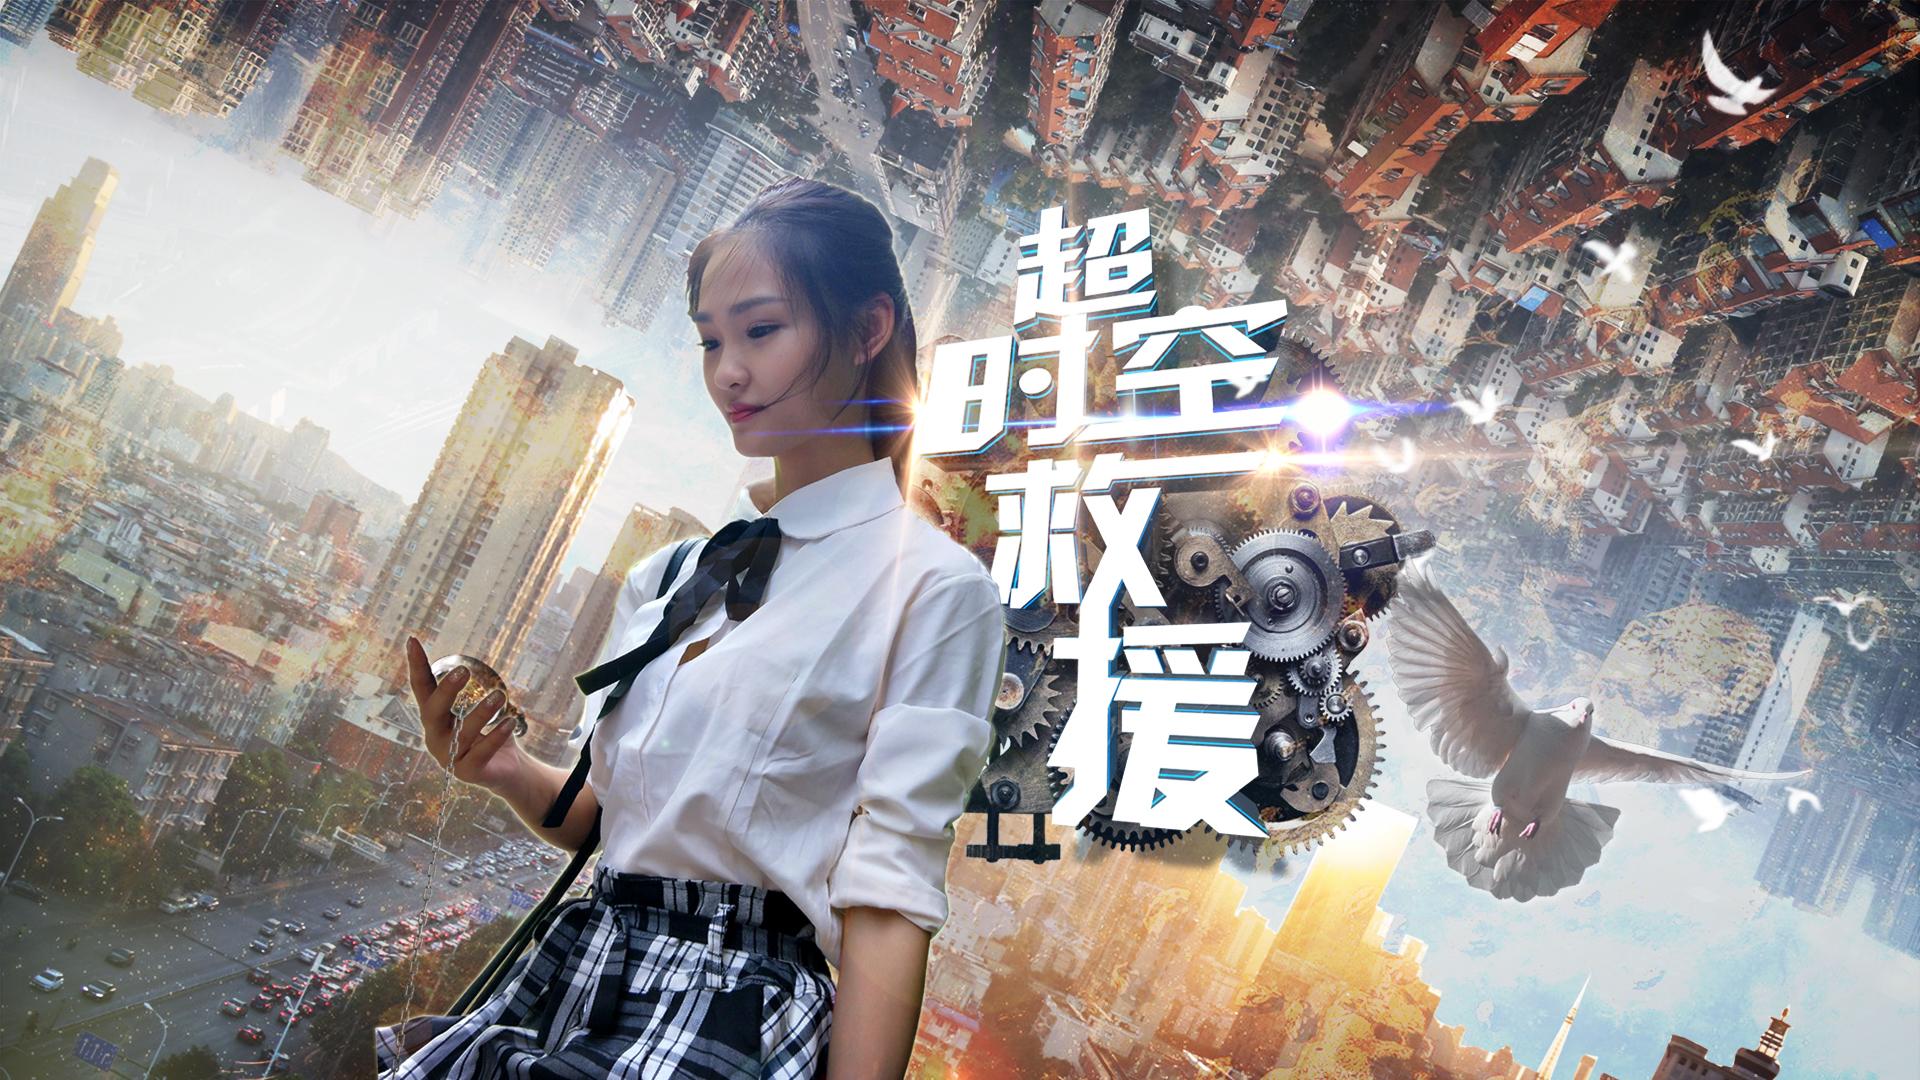 观看_超时空救援_电影_高清1080P在线观看平台_腾讯视频